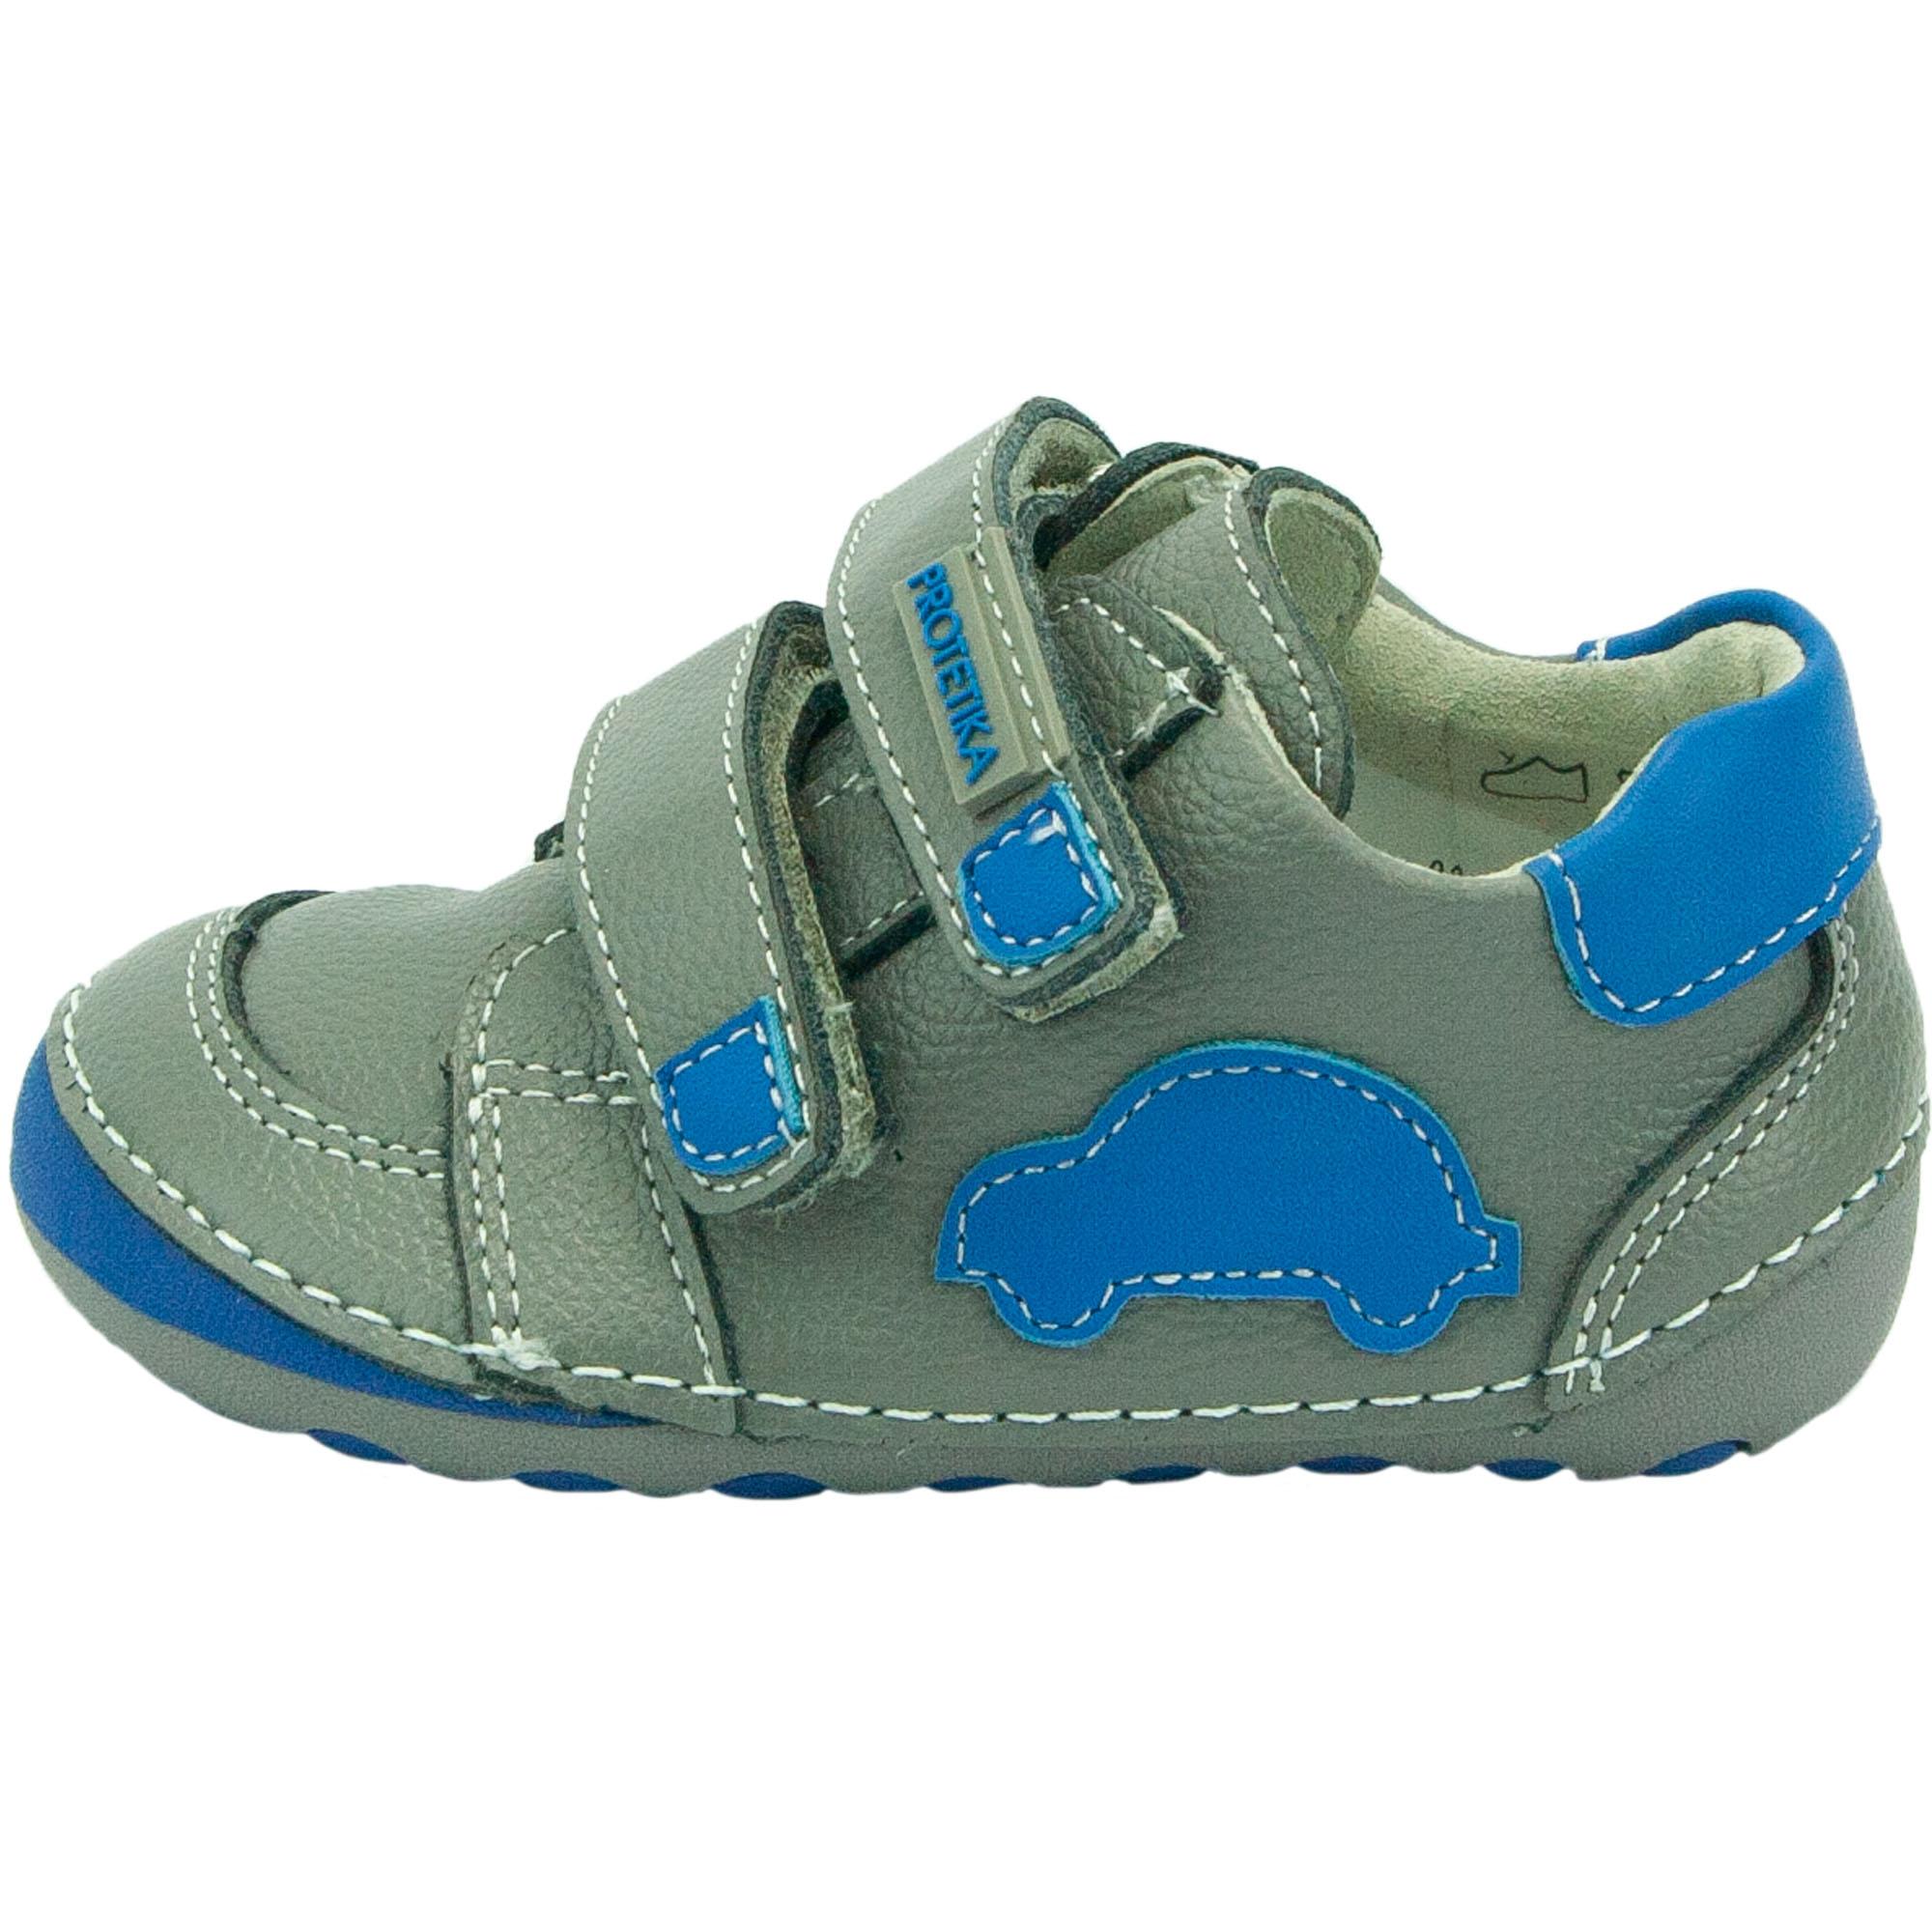 a0a717cecffe Protetika celoroční dětská obuv Levis Grey